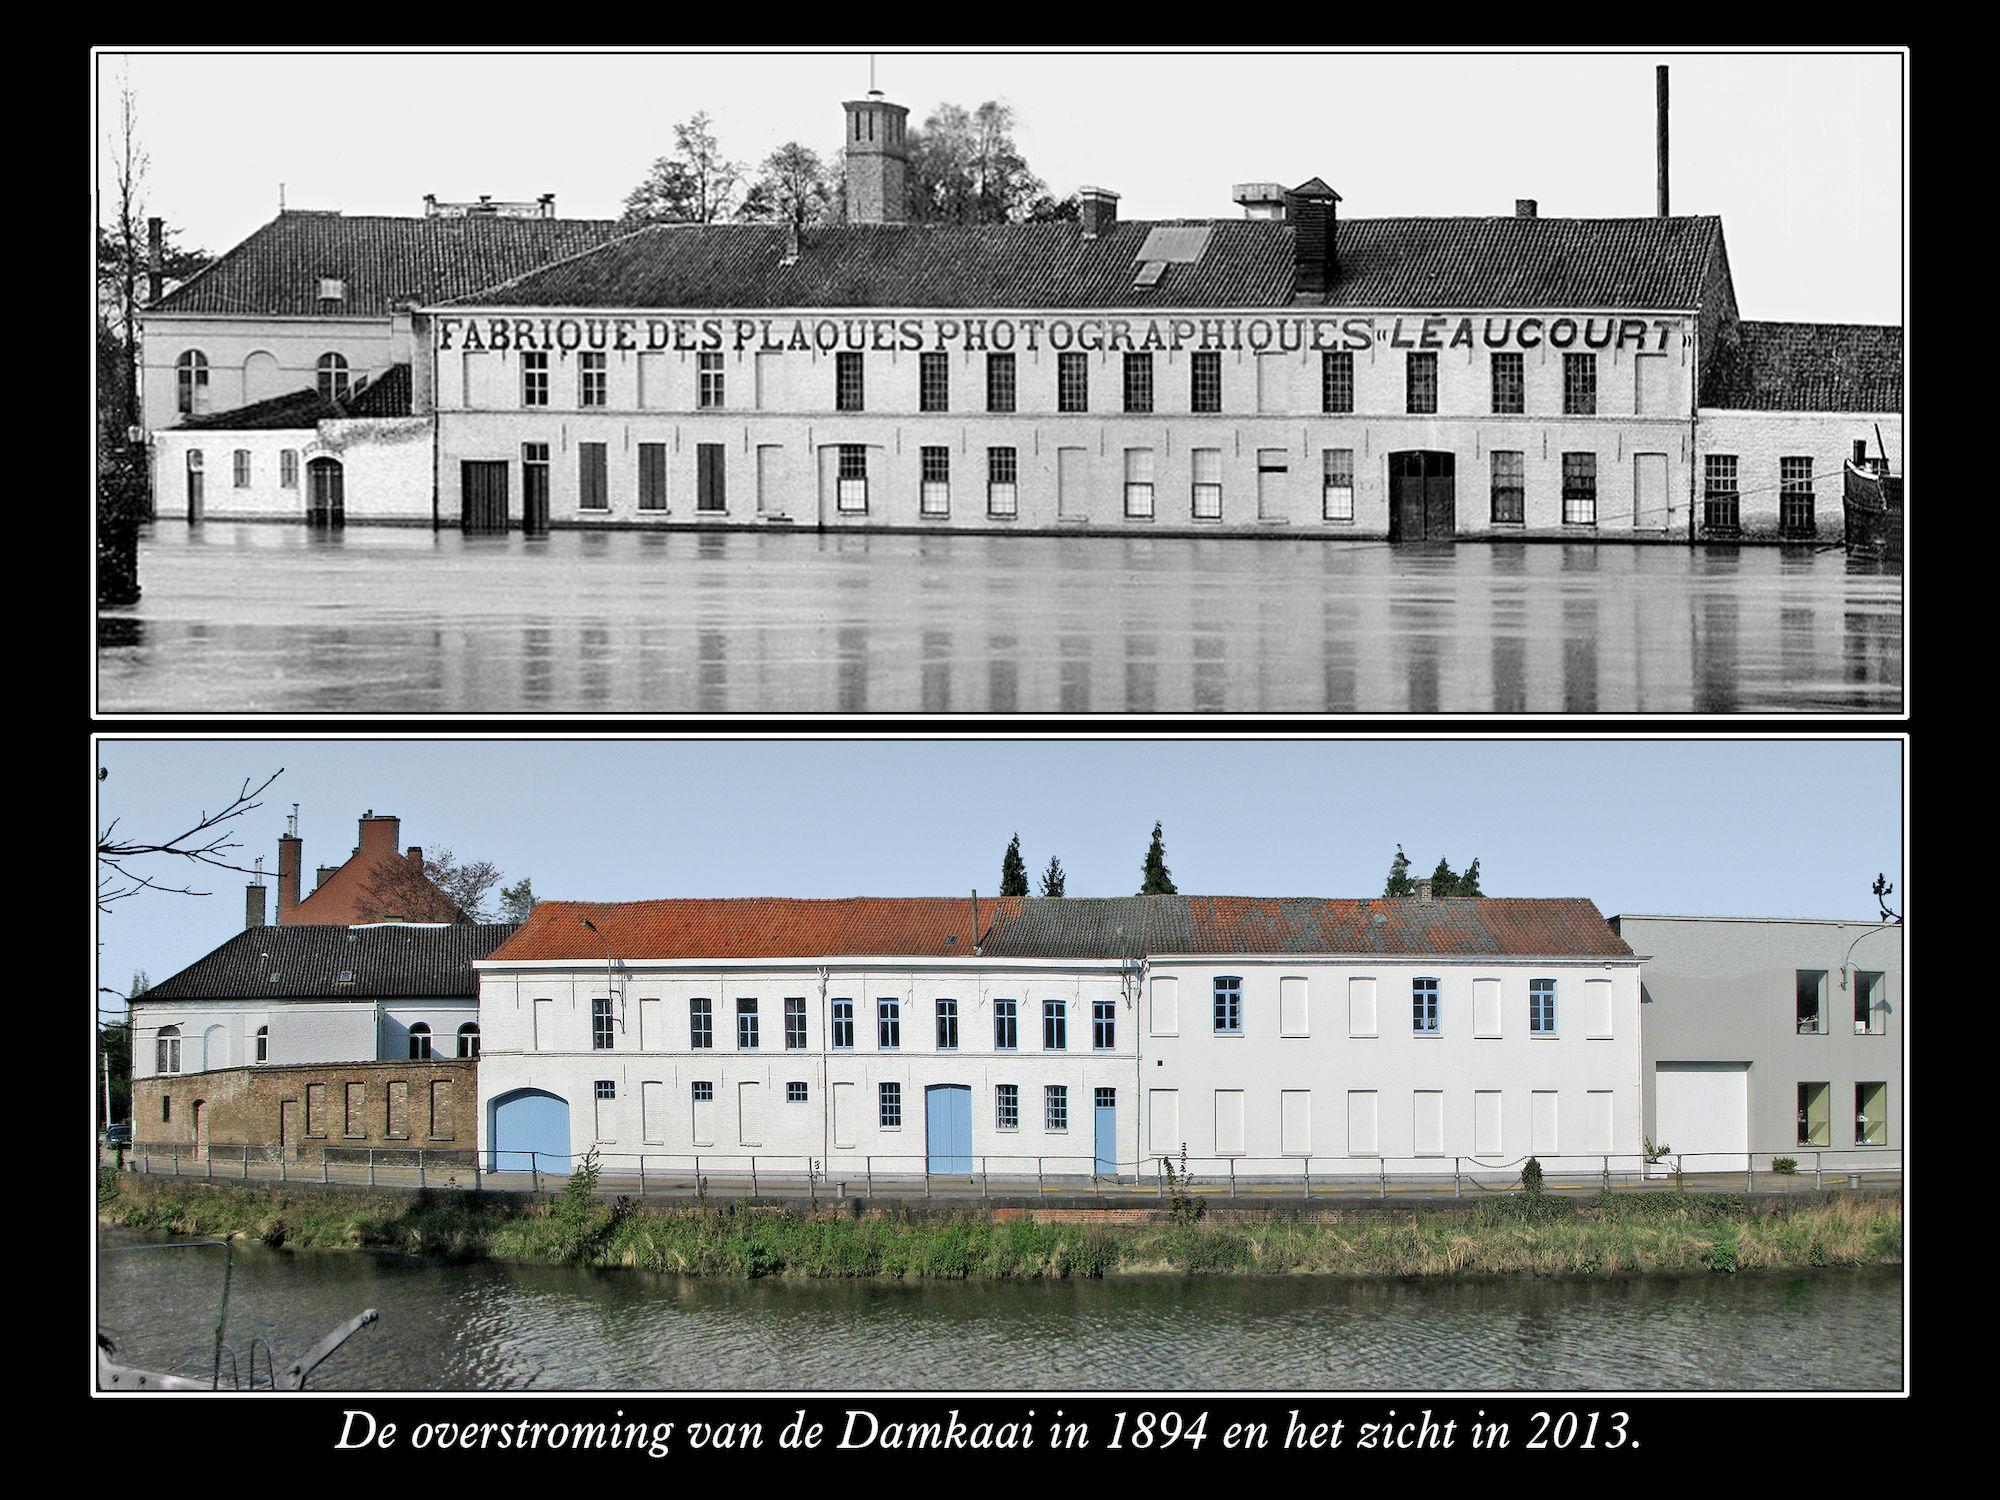 Damkaai 1894 2013